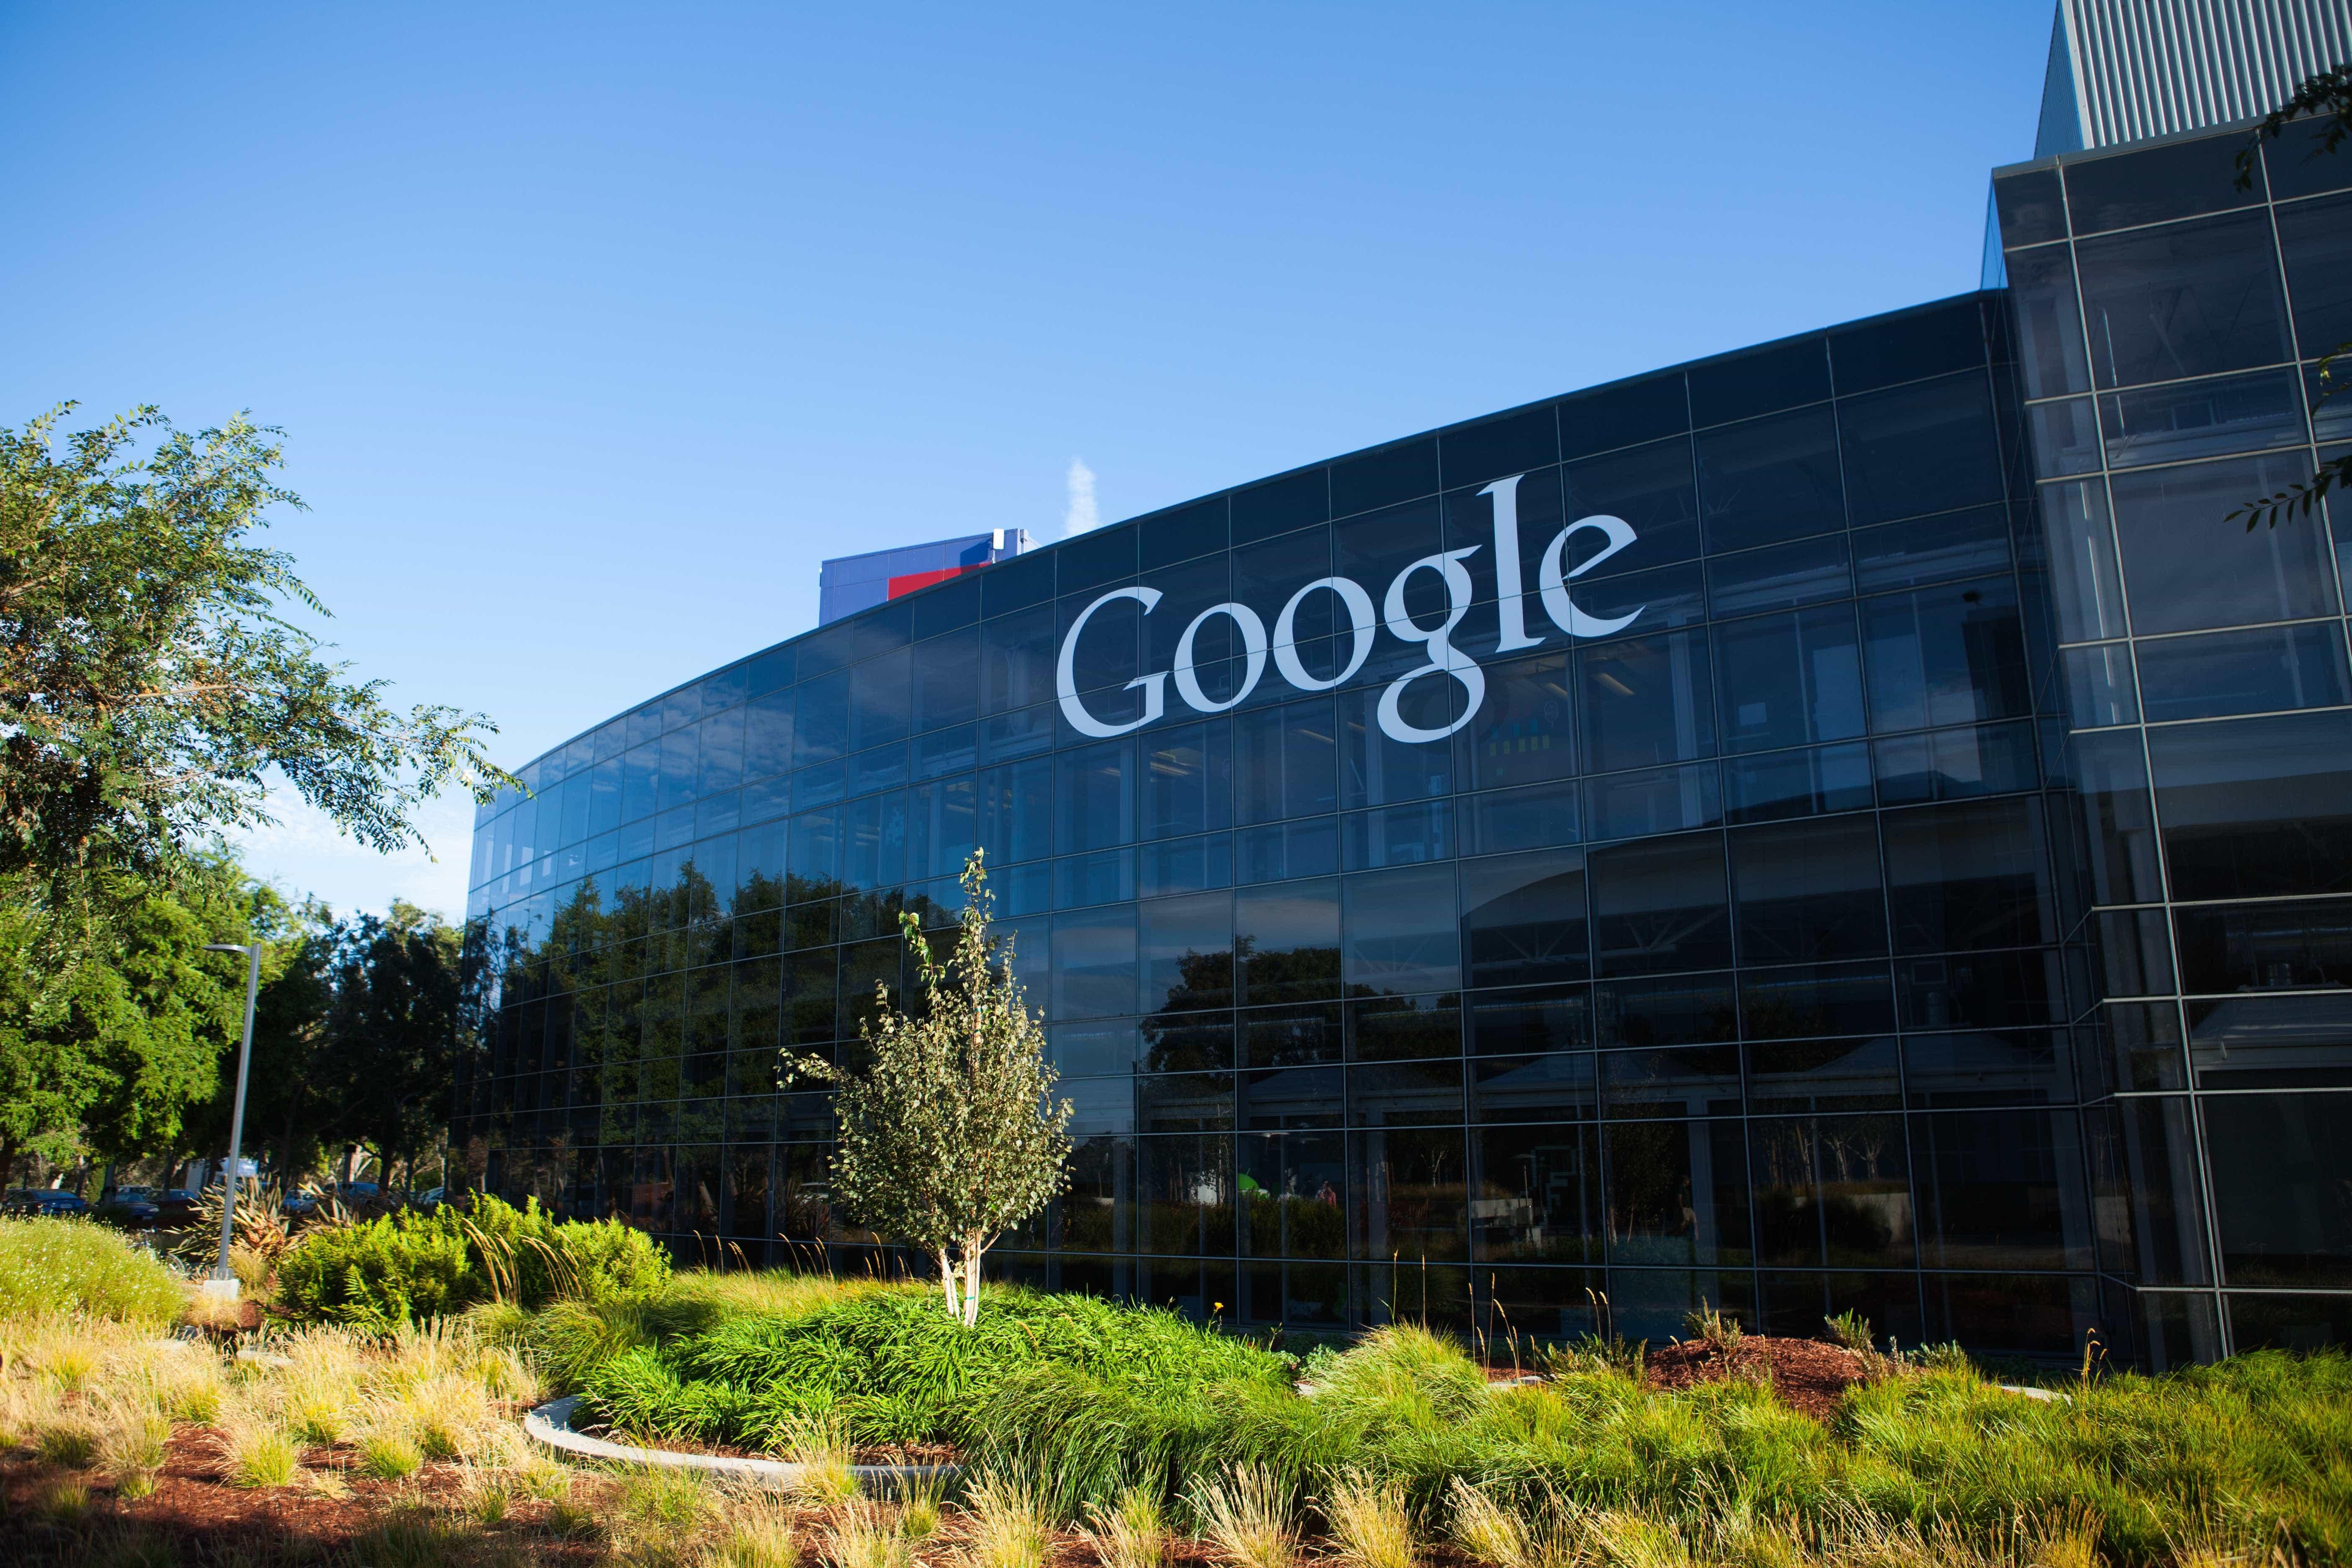 Com nova lei de direitos autorais, Google pode excluir Notícias da UE